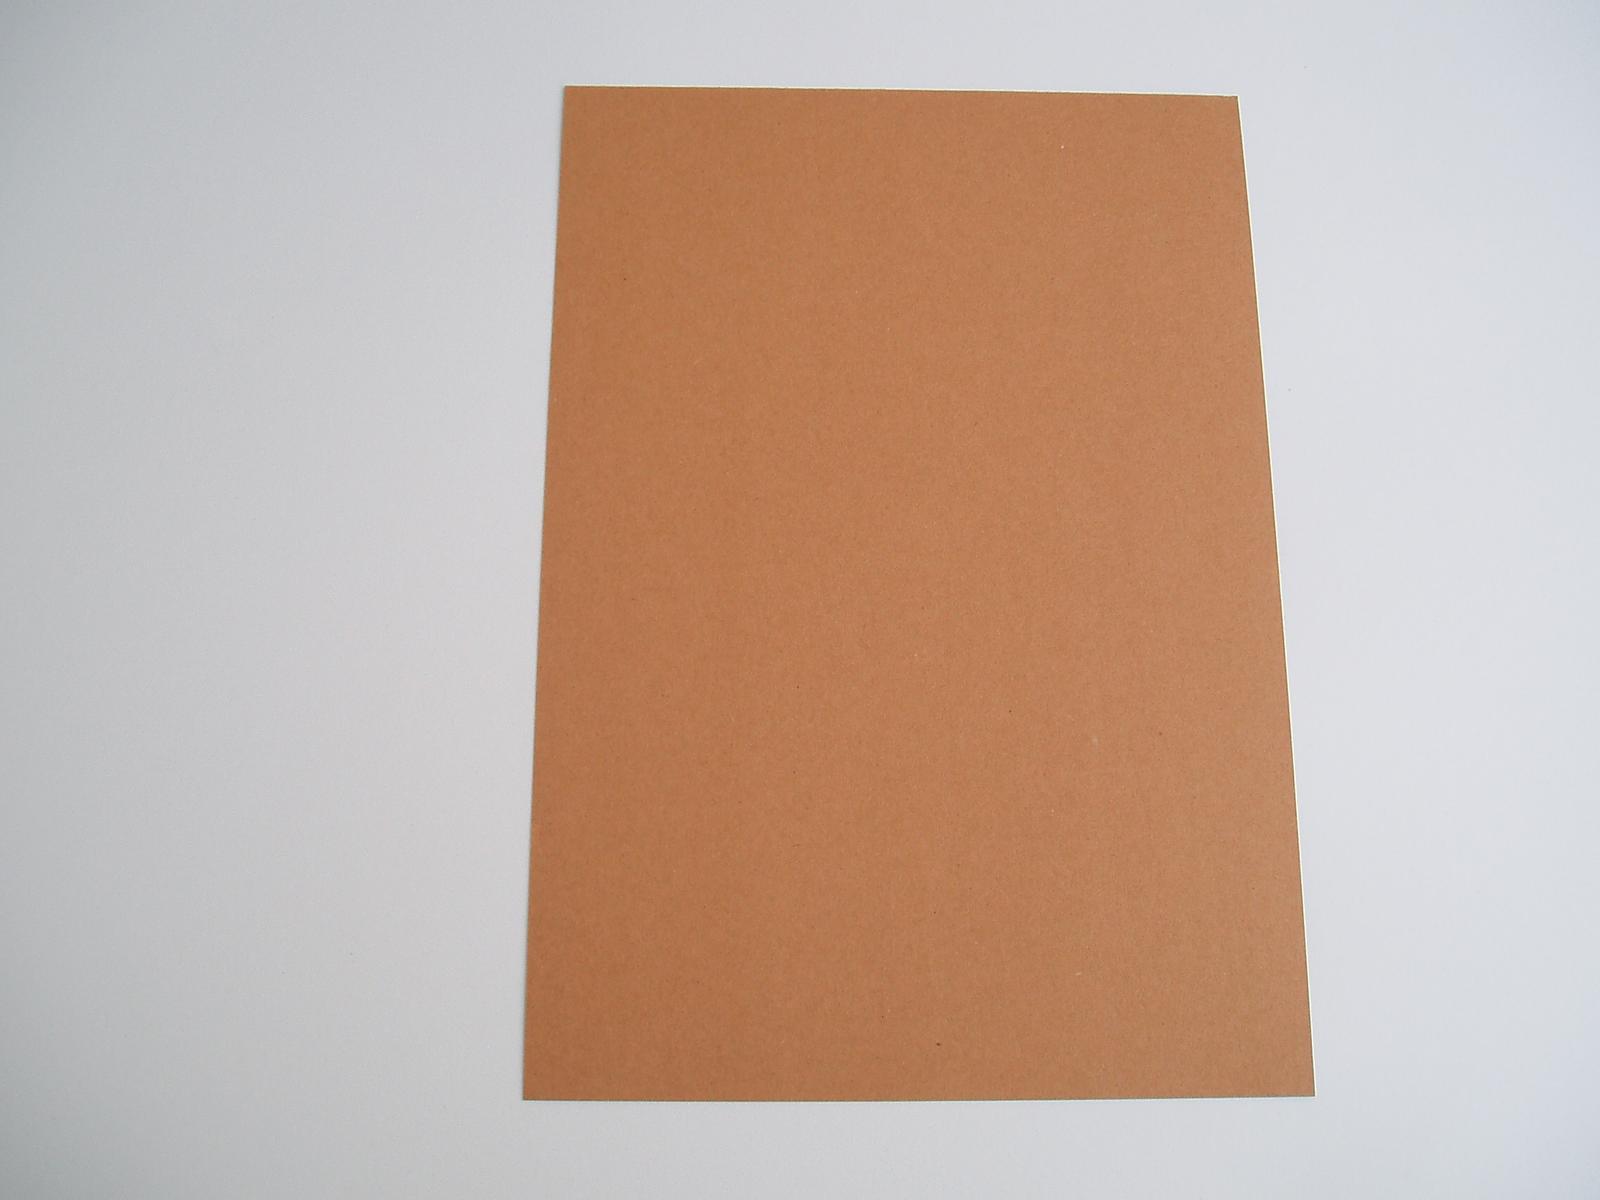 kraftový papír - Obrázek č. 2